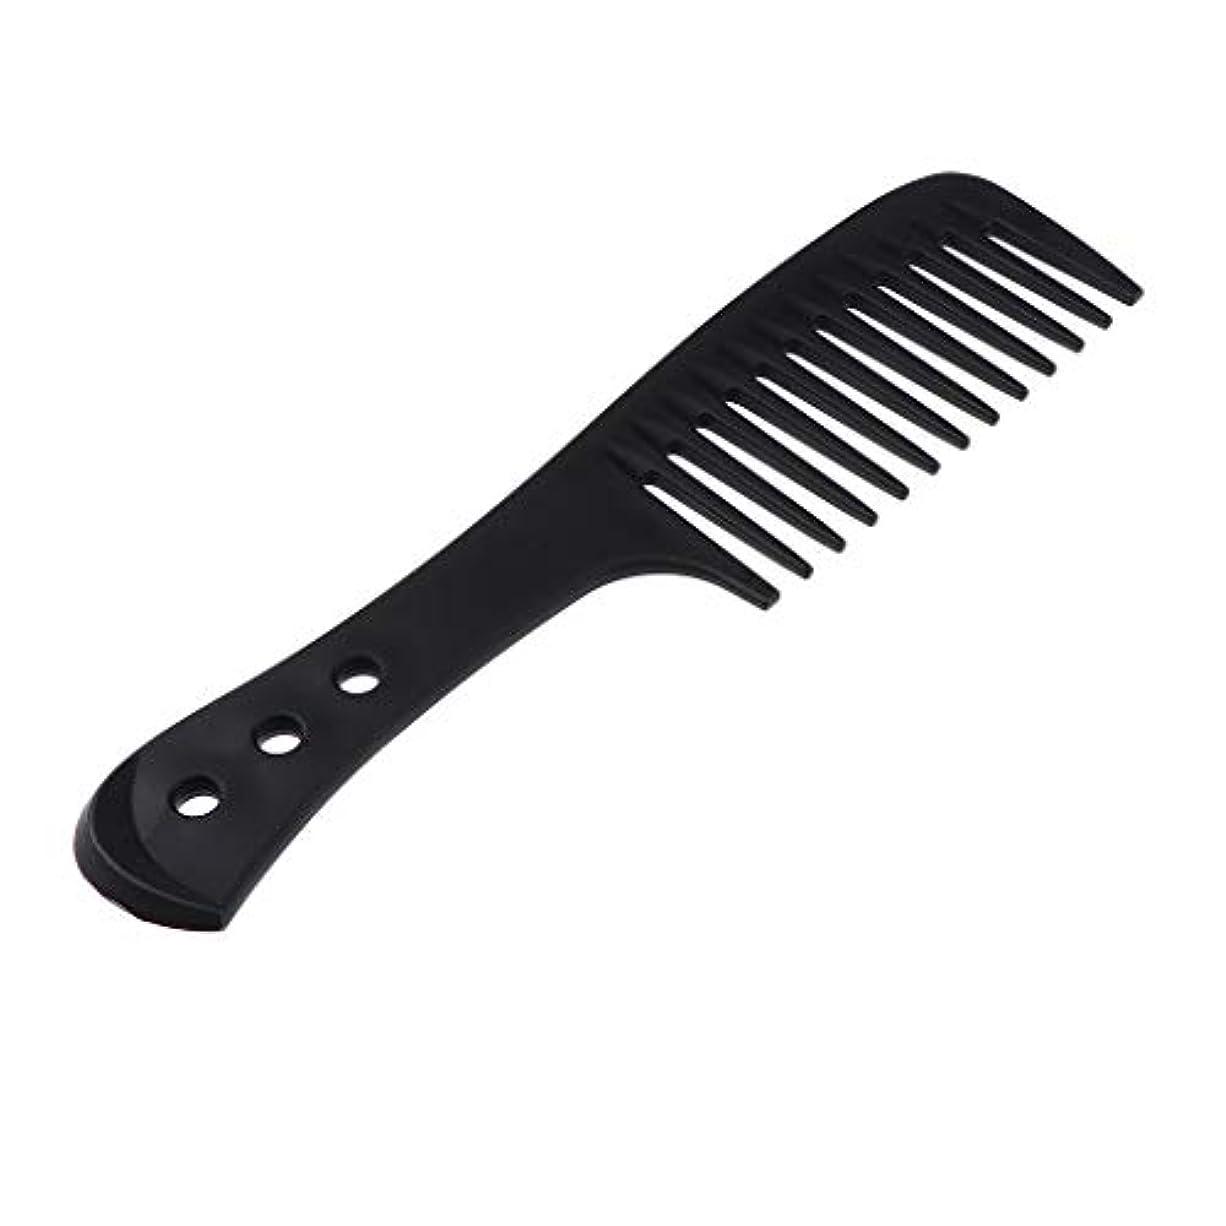 飢えたカニ大通りワイド歯ブラシ 美容整形 美容整形髪ブラシ 全4色 - ブラック